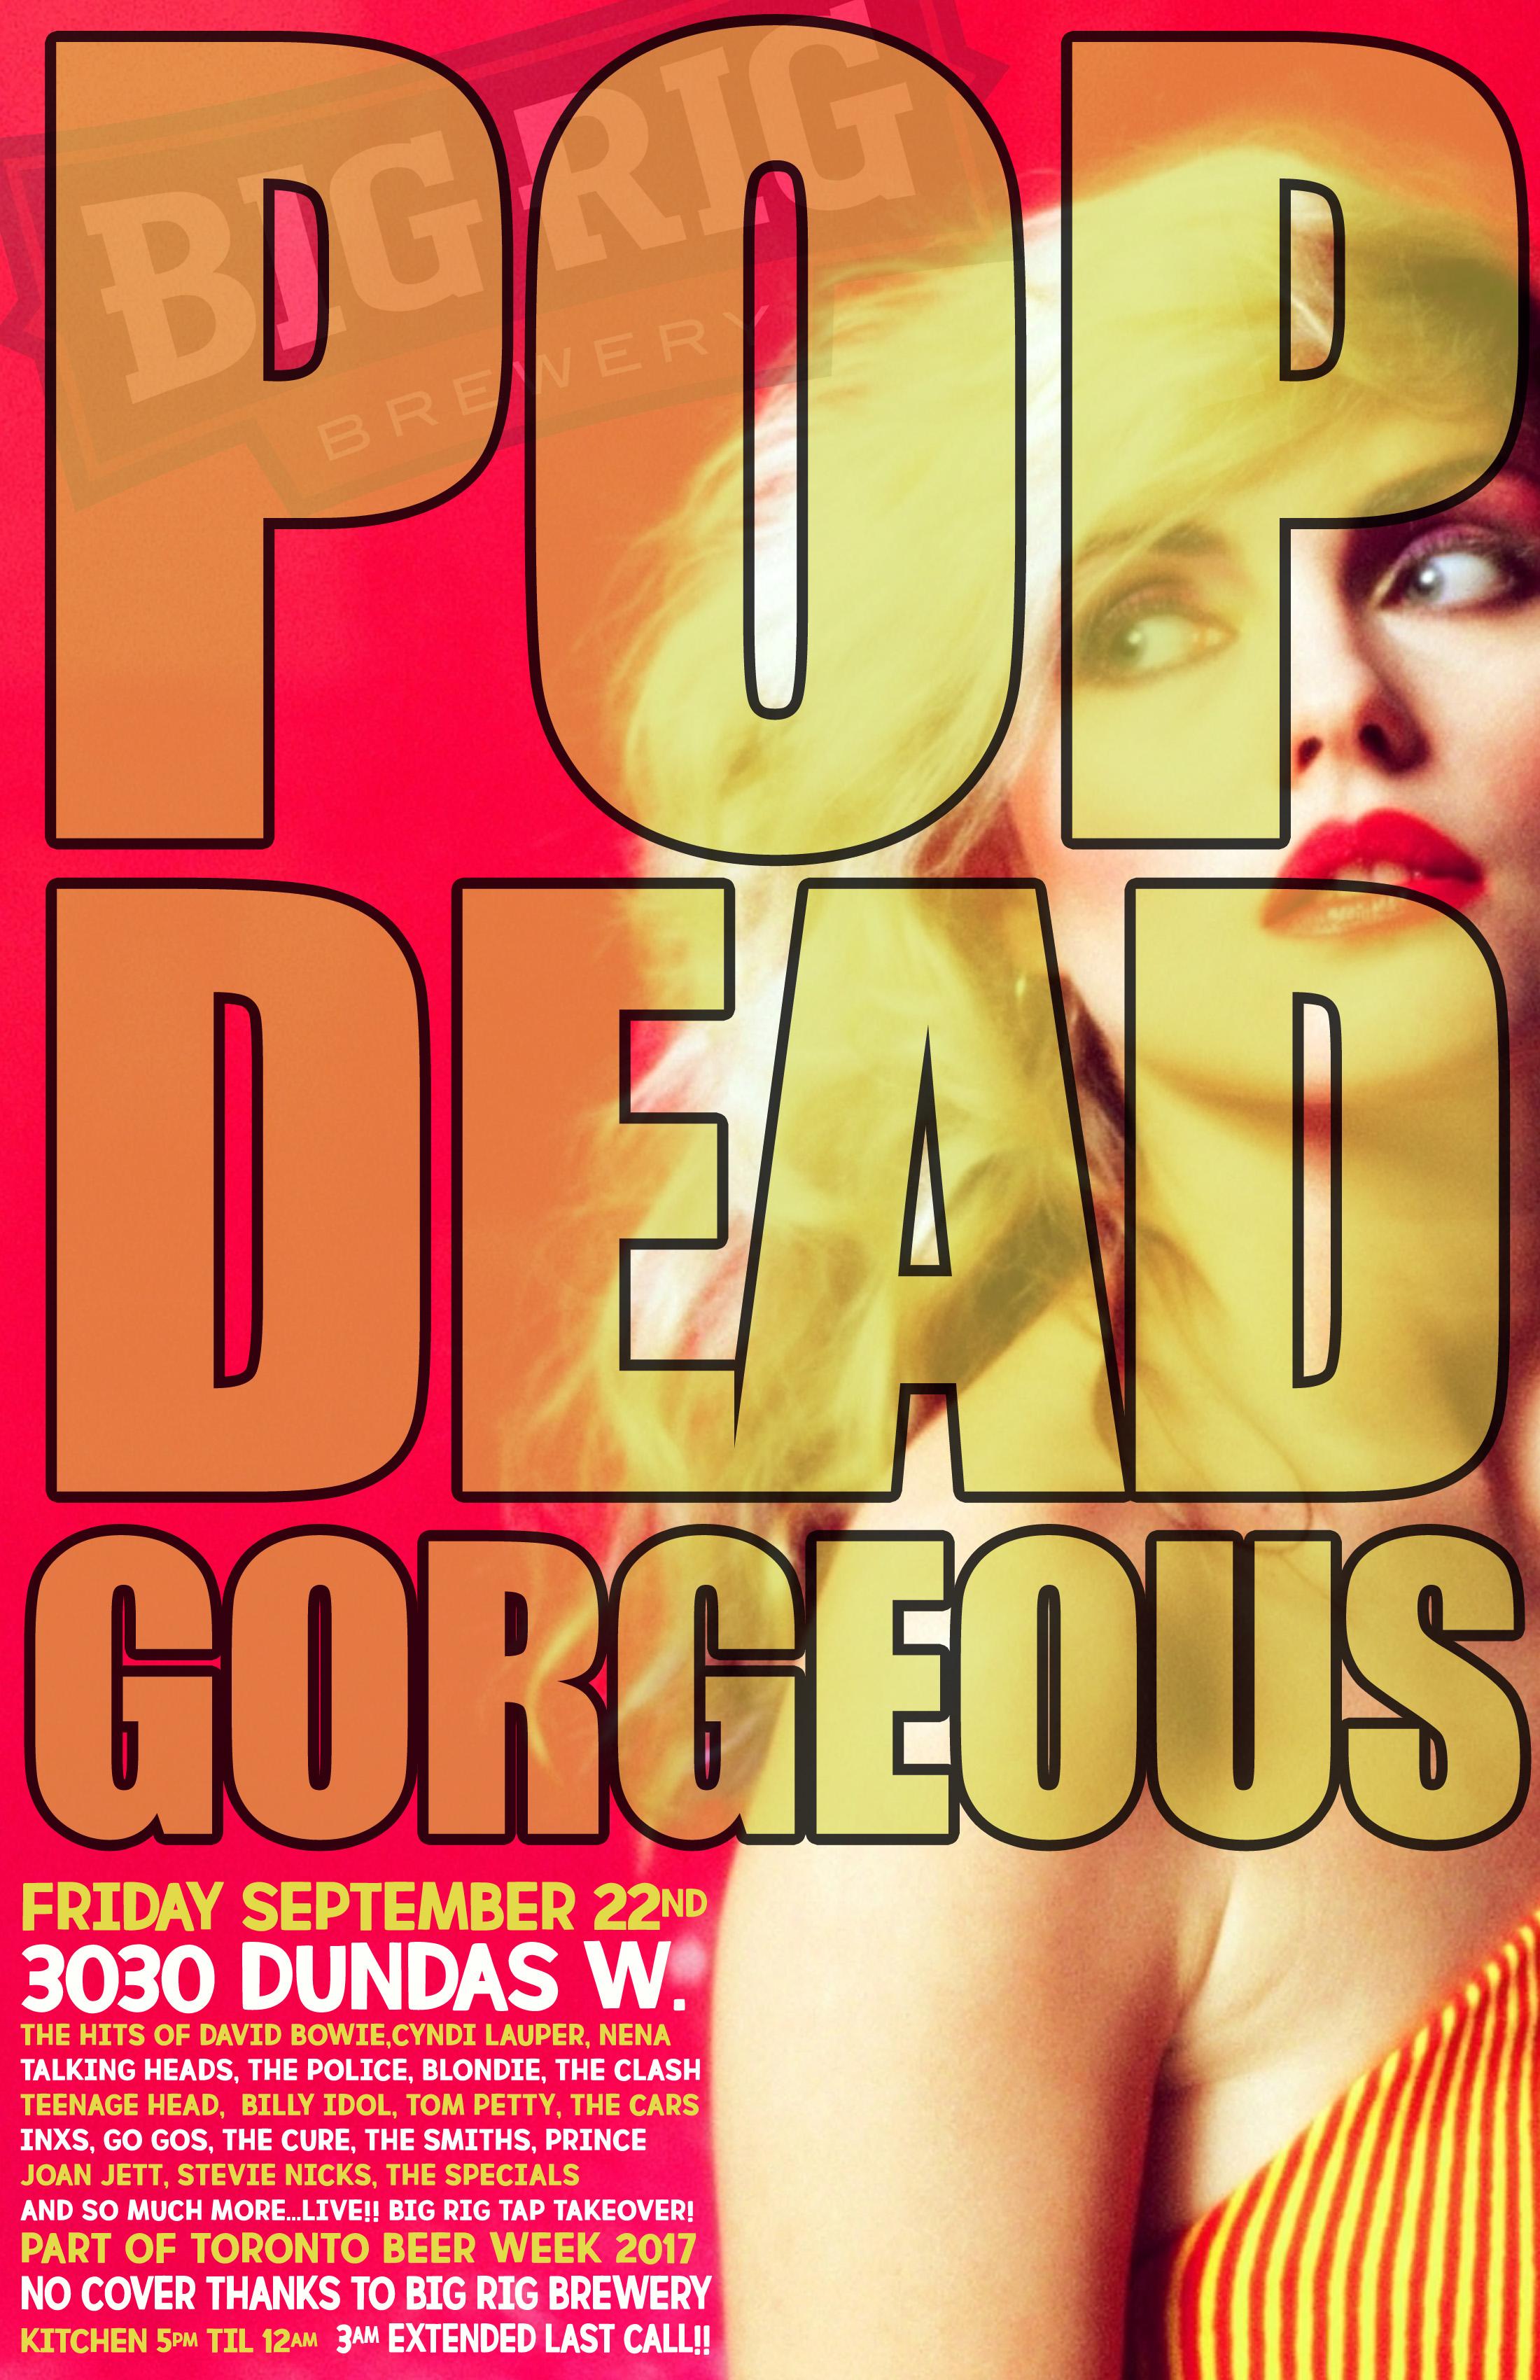 PopDead_July_CL (1).jpg